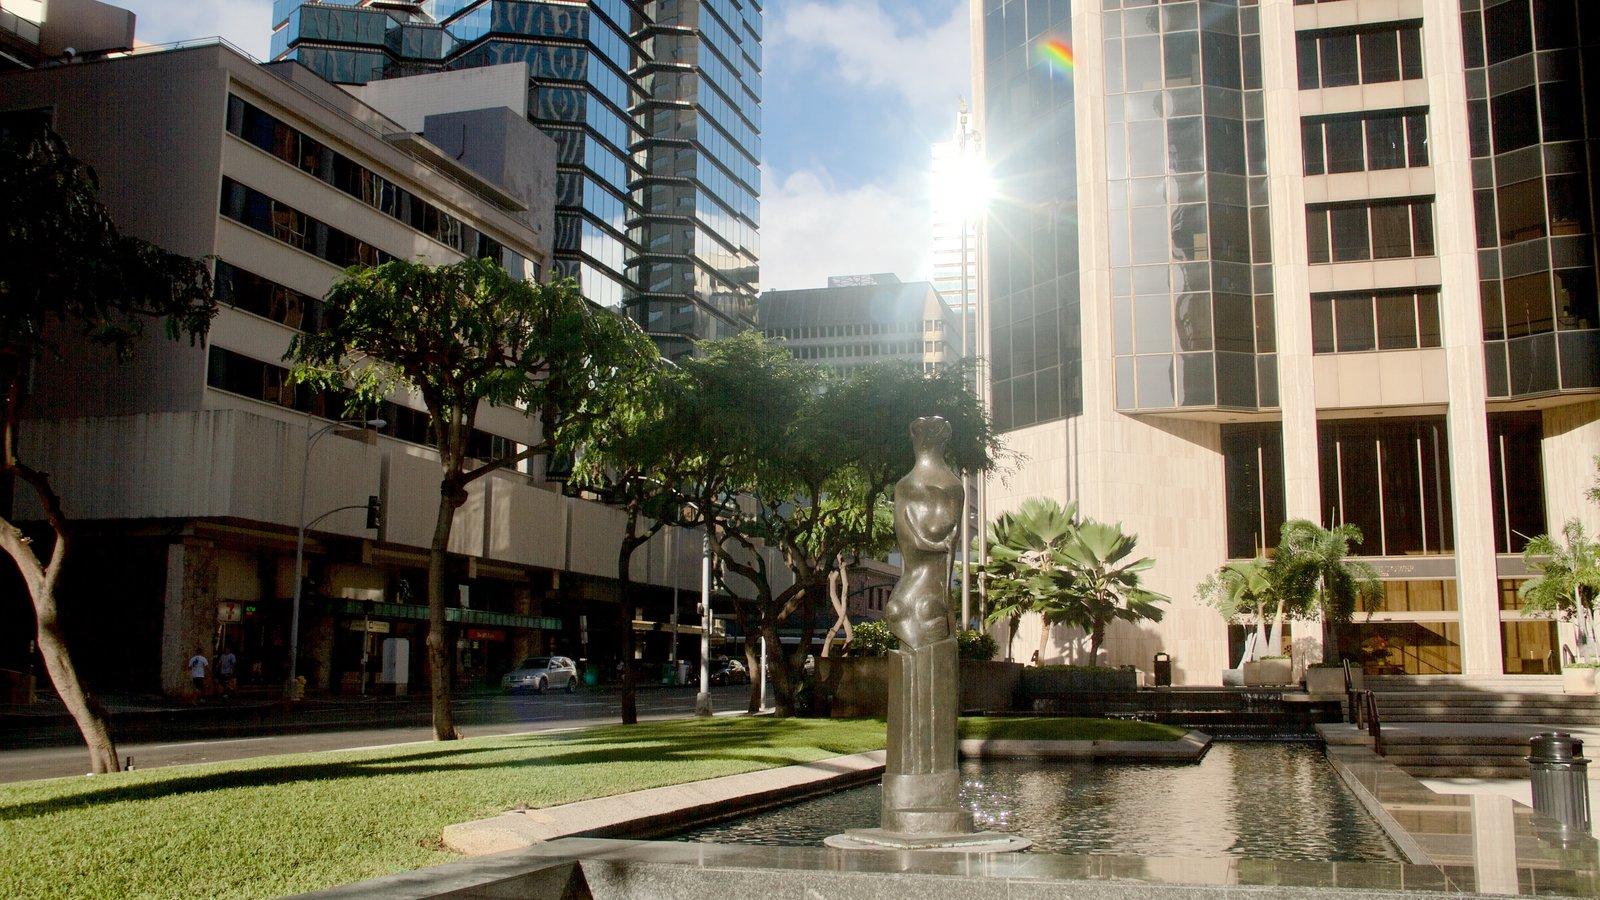 Oahu que inclui arquitetura moderna e uma fonte